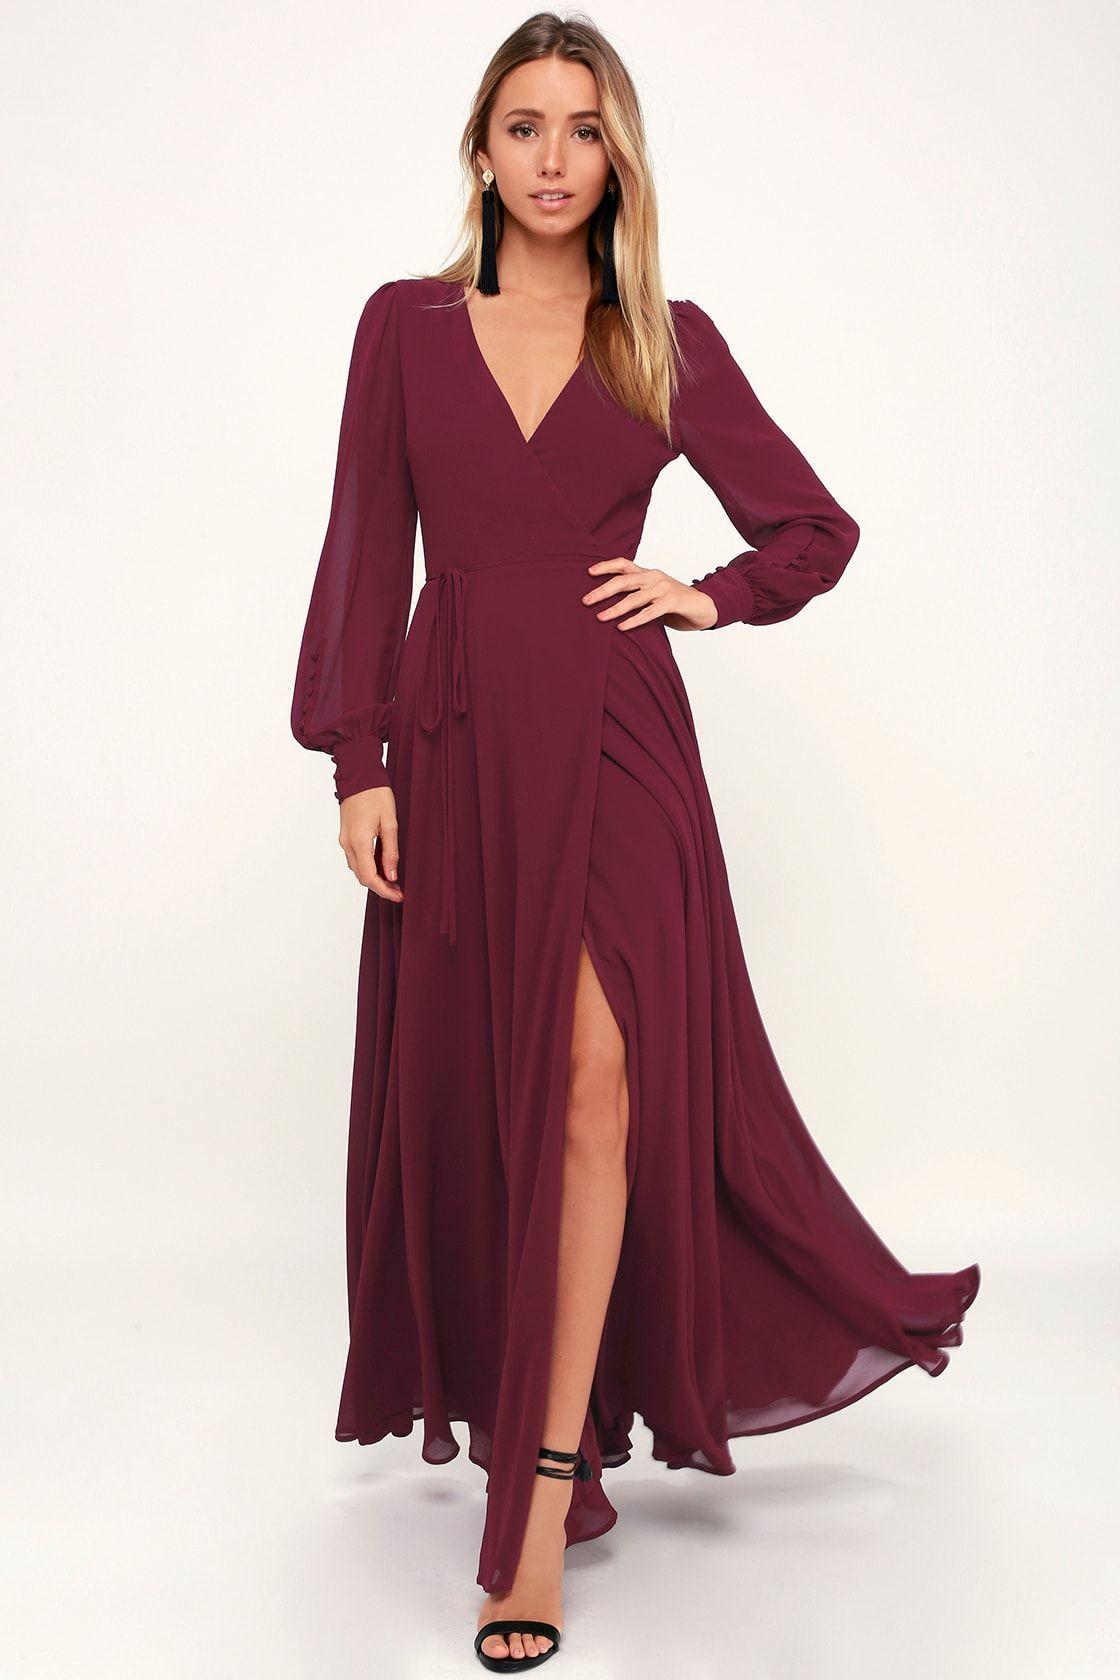 82e5f6713e21e My Whole Heart Burgundy Long Sleeve Wrap Dress in 2019 | Dress ...